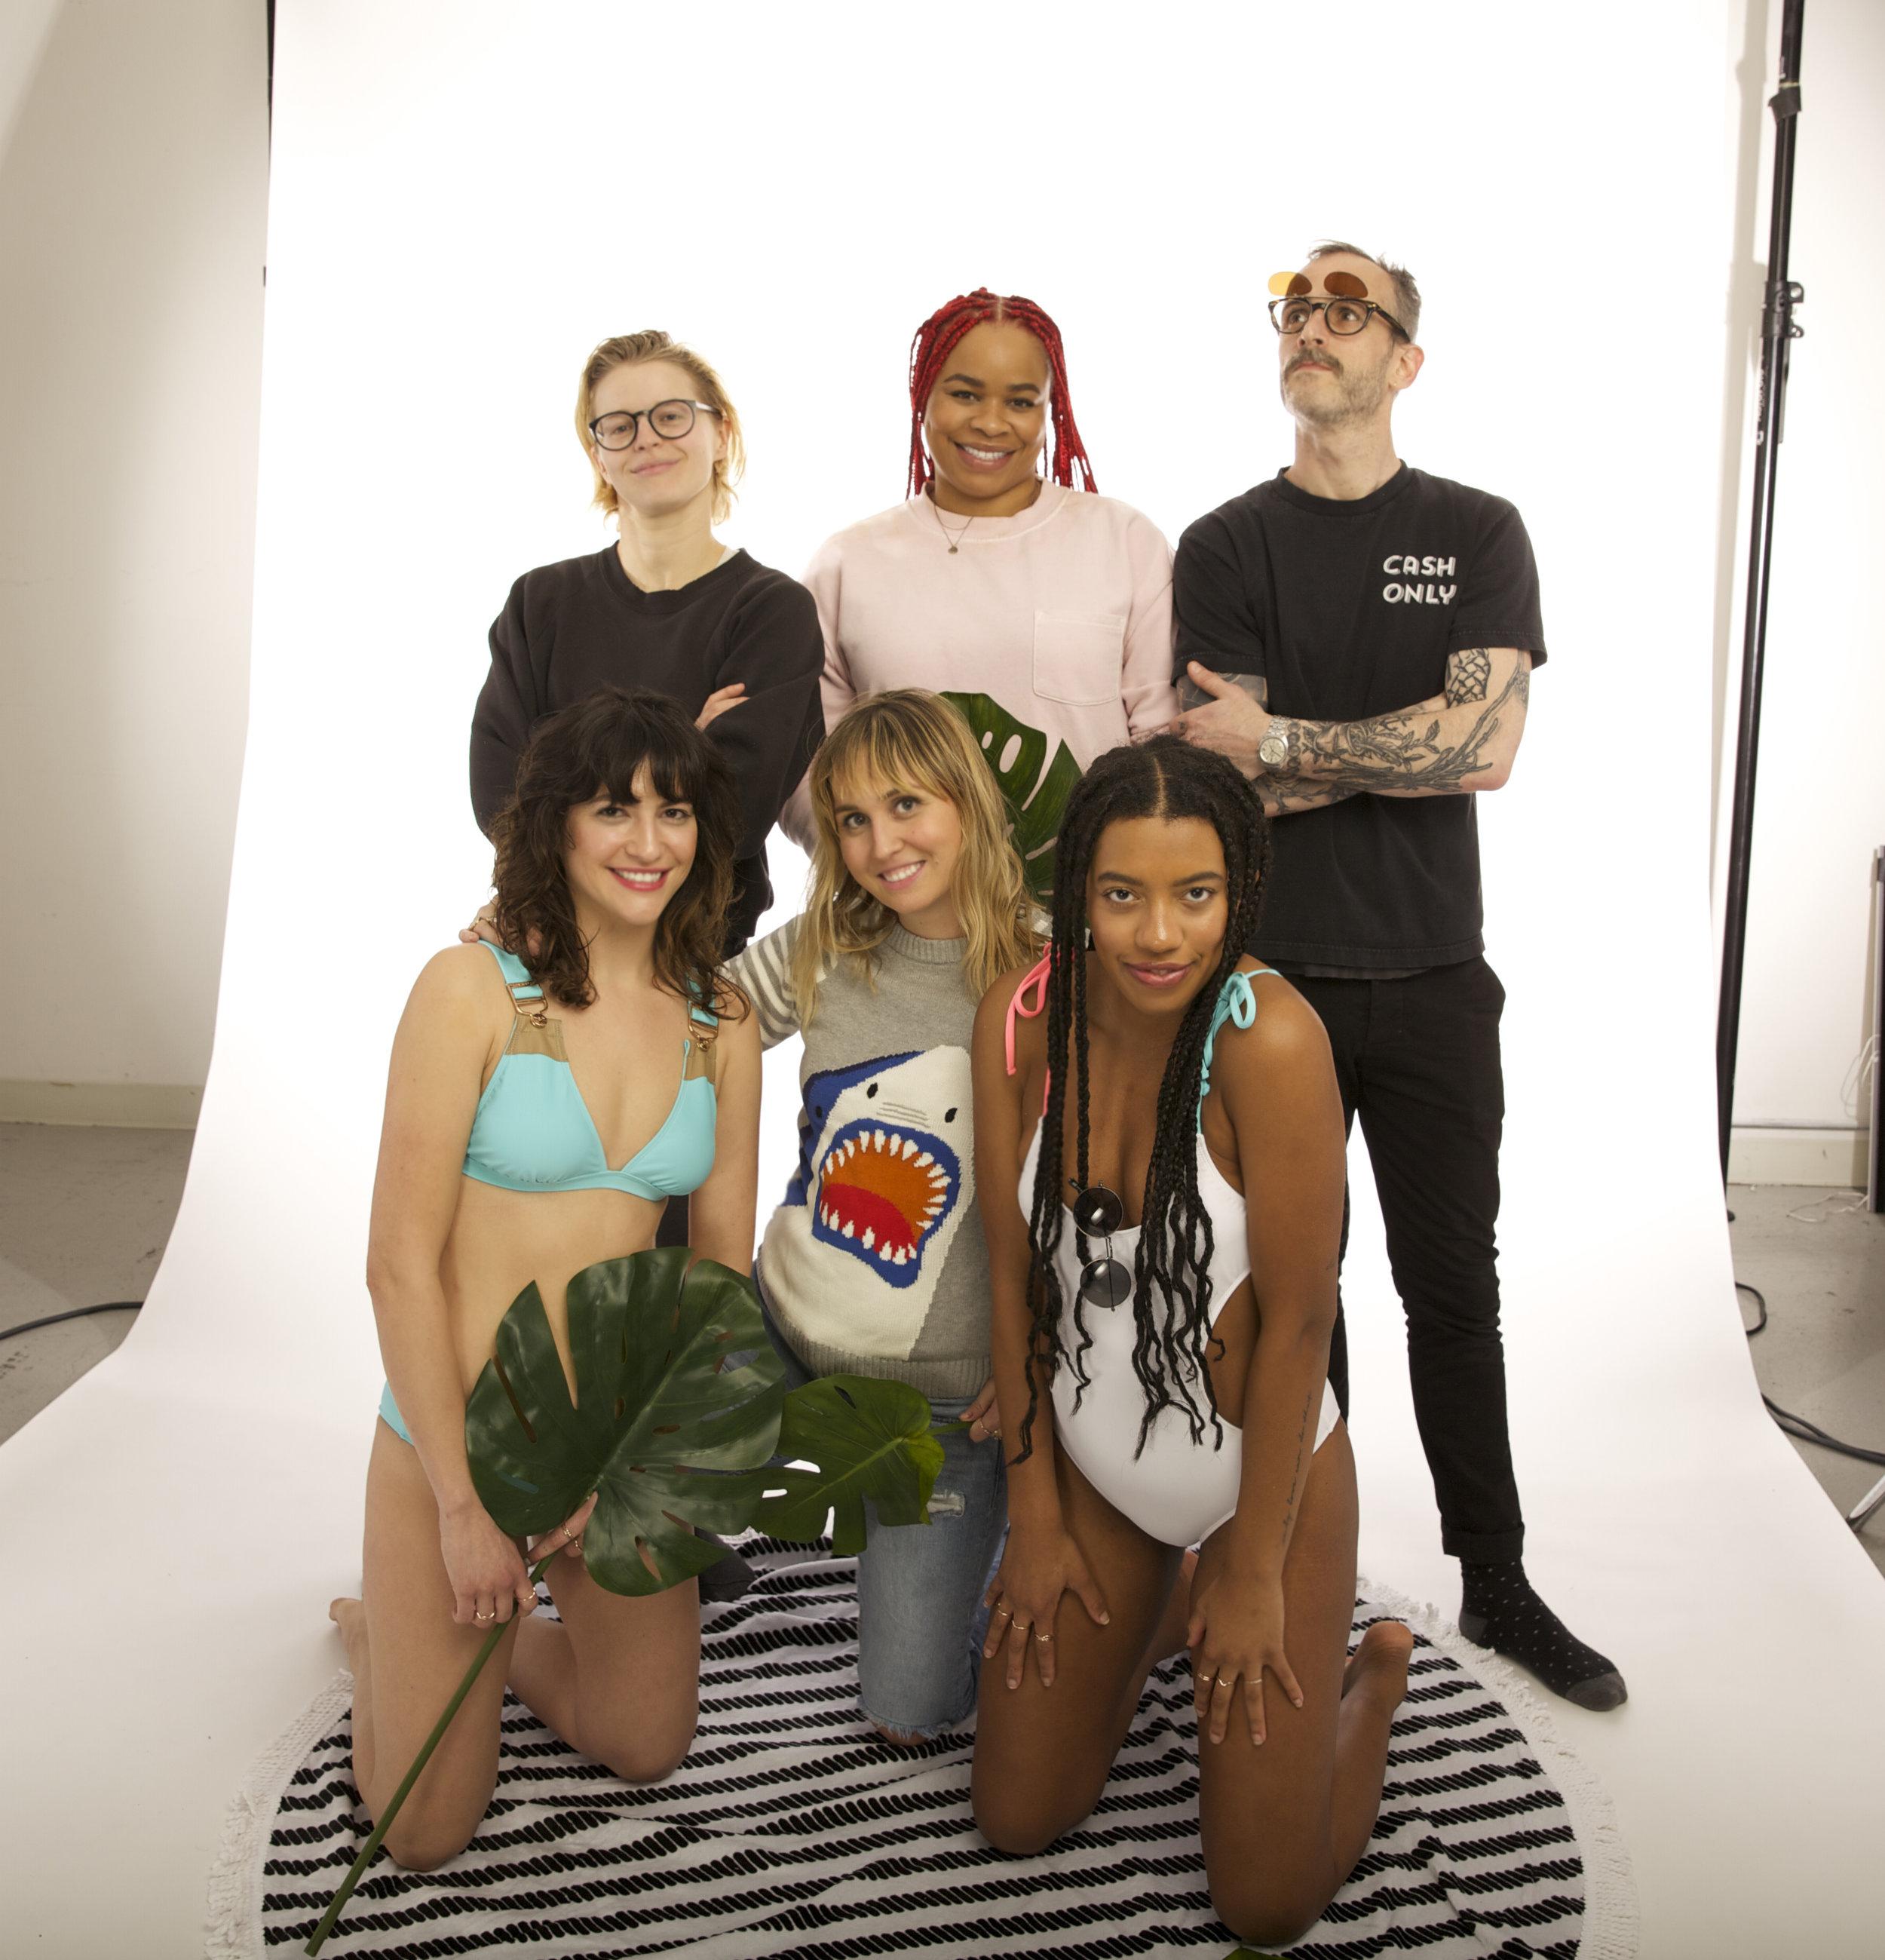 Lux&Kyne-group photo.jpg